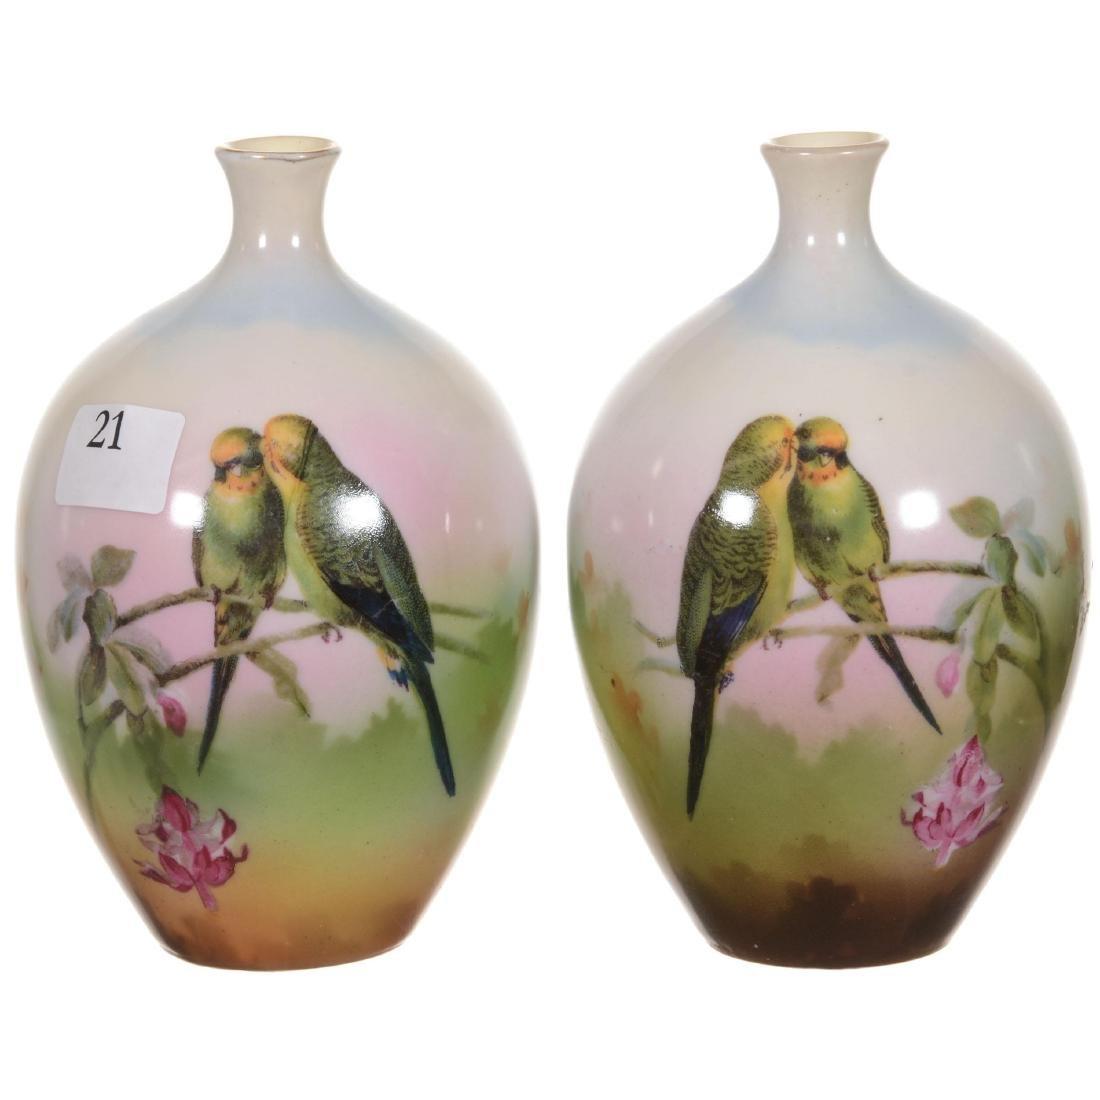 Royal Bayreuth Pair of Matching Vases